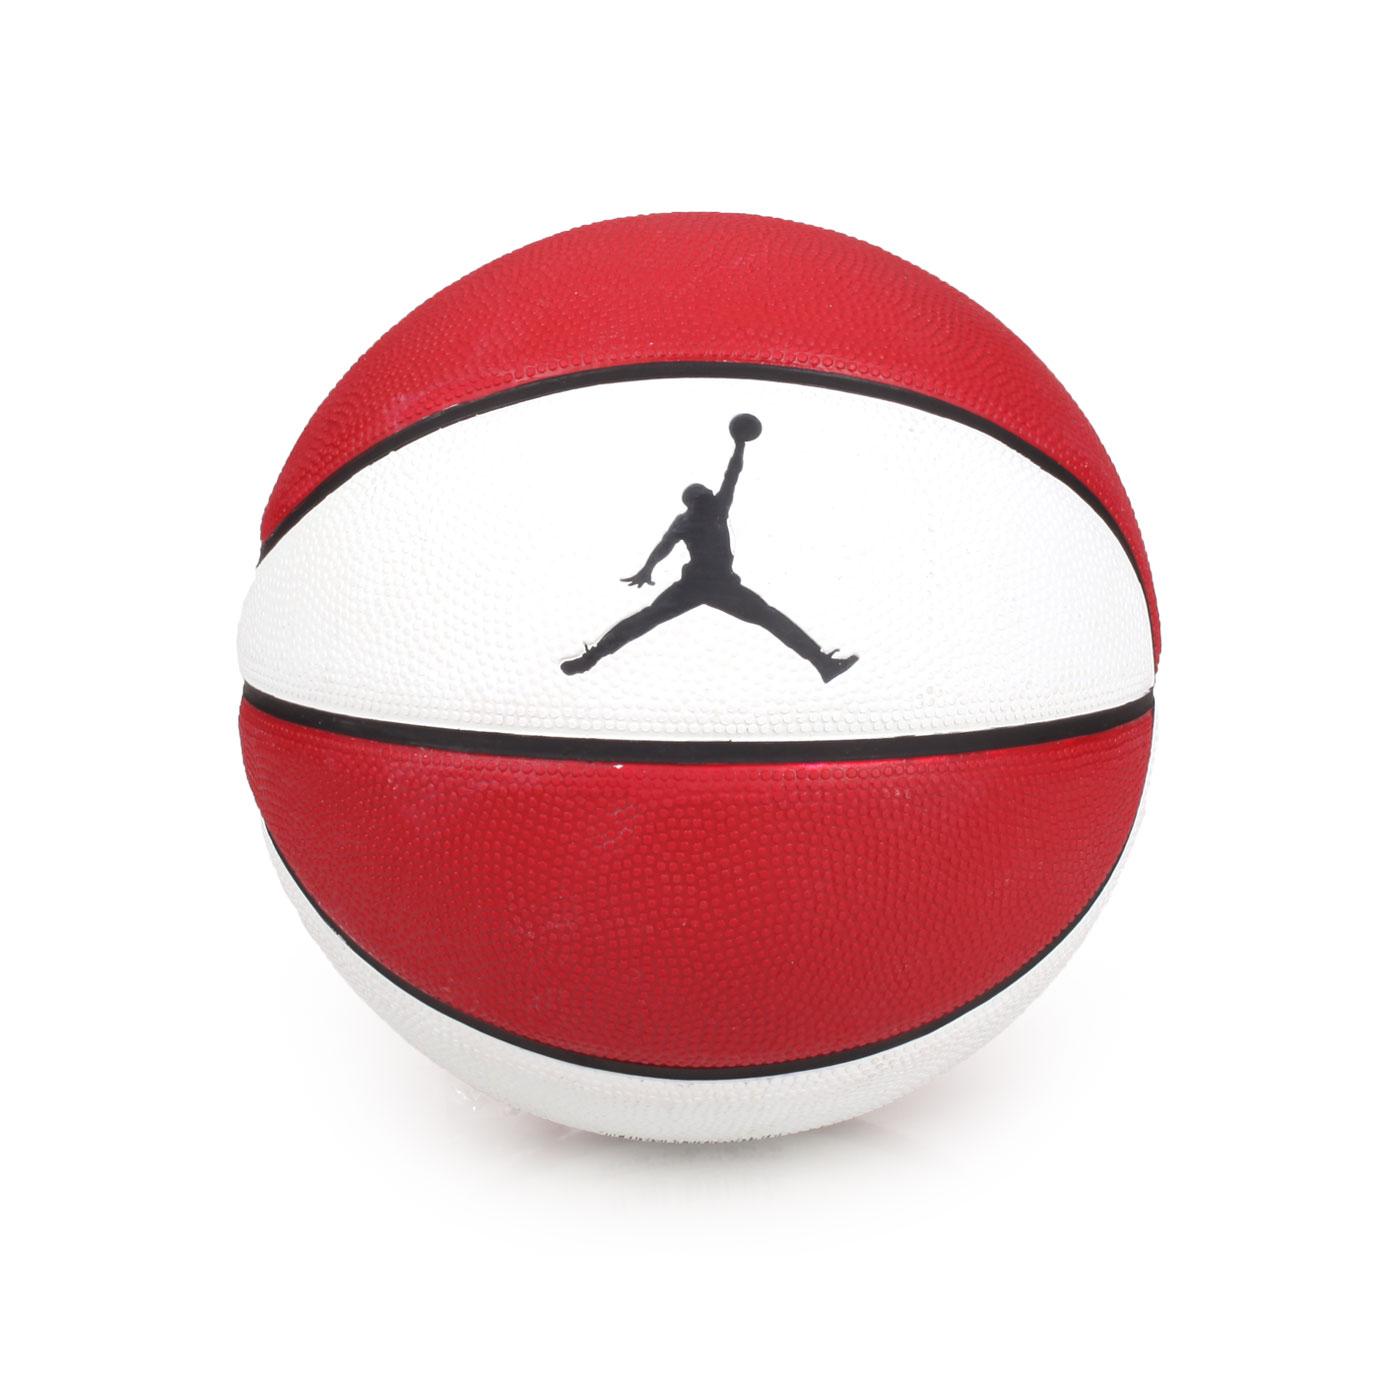 NIKE JORDAN SKILLS 3號籃球 J000188404103 - 紅白黑